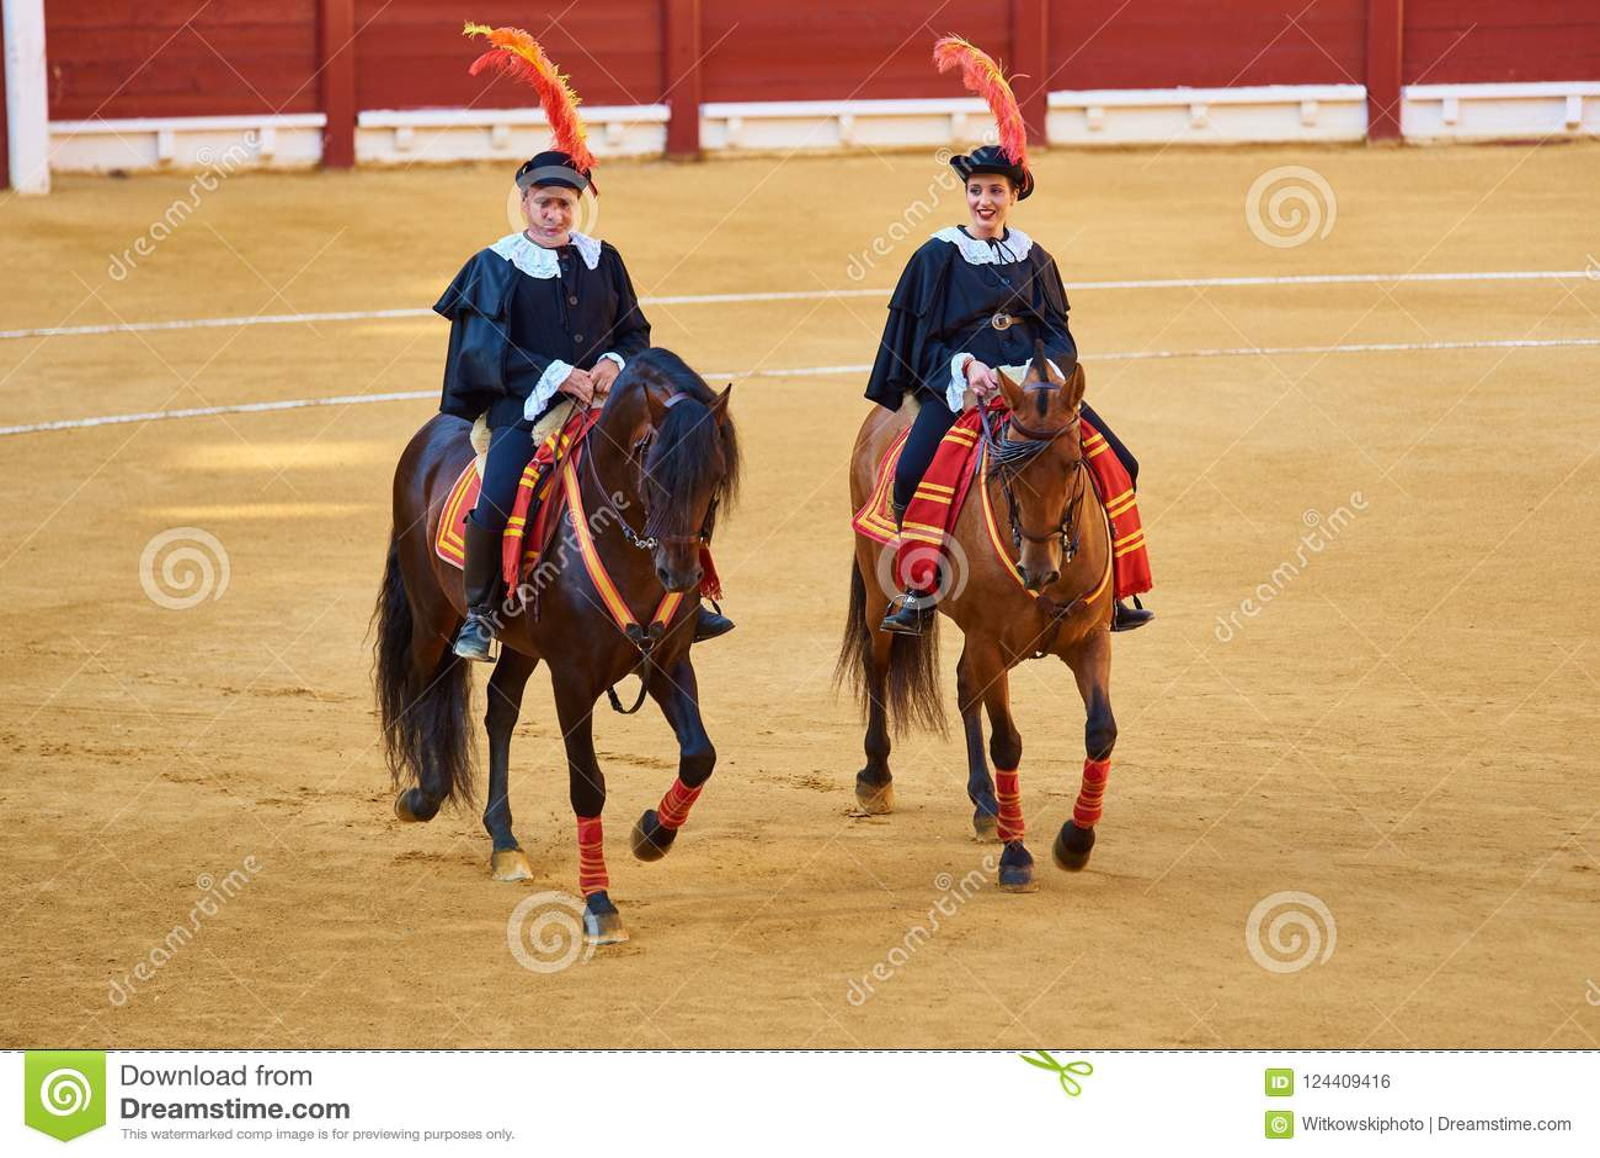 Alicante/Spanje - 08 03 2018: Ruiters op paarden vóór de strijd met de stieren